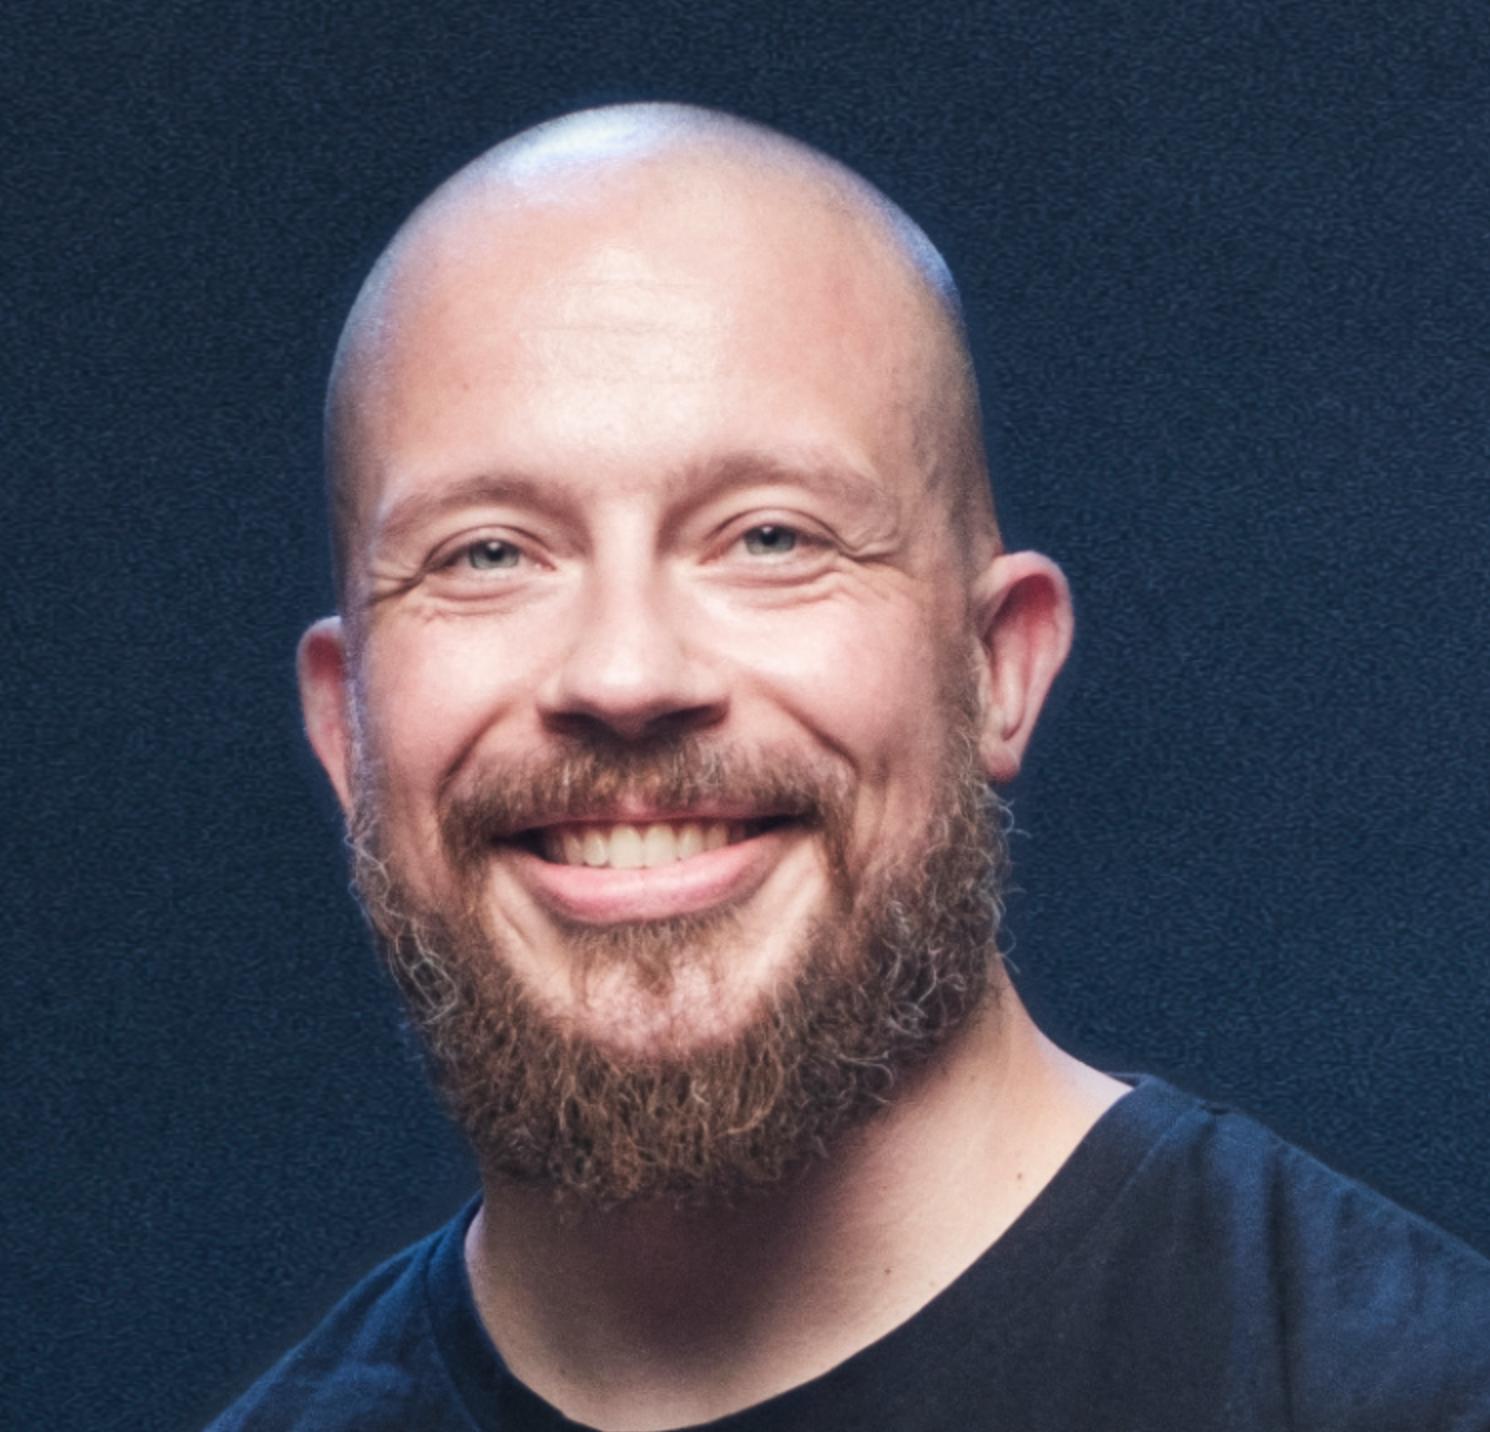 Antti Akonniemi